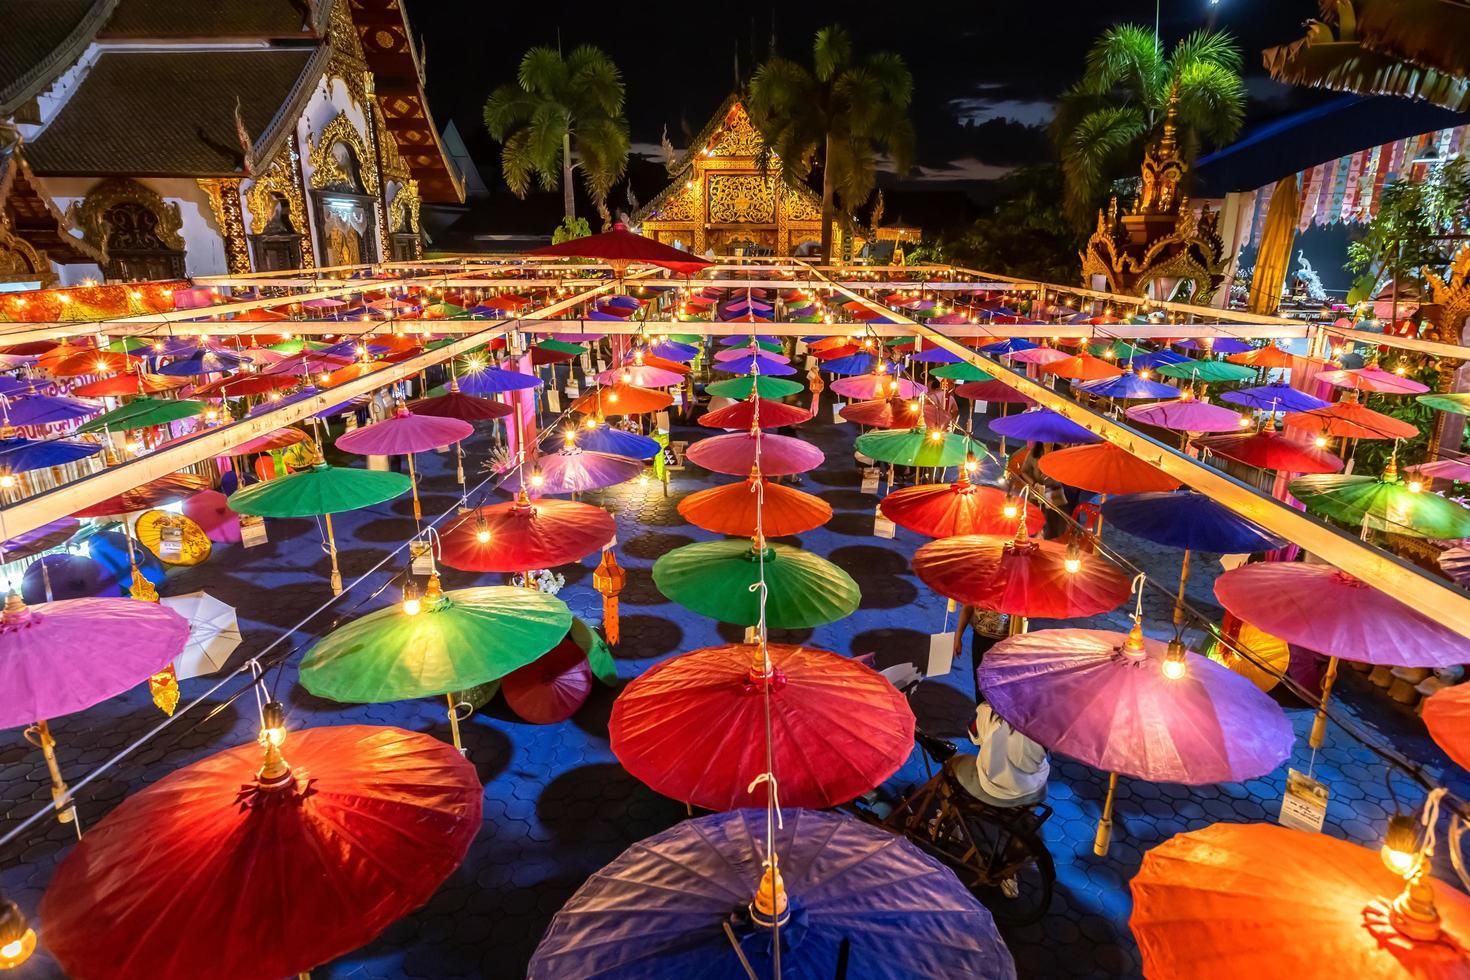 Lanternes vintage en papier coloré lumineux accroché près d'un temple bouddhiste en Thaïlande photo